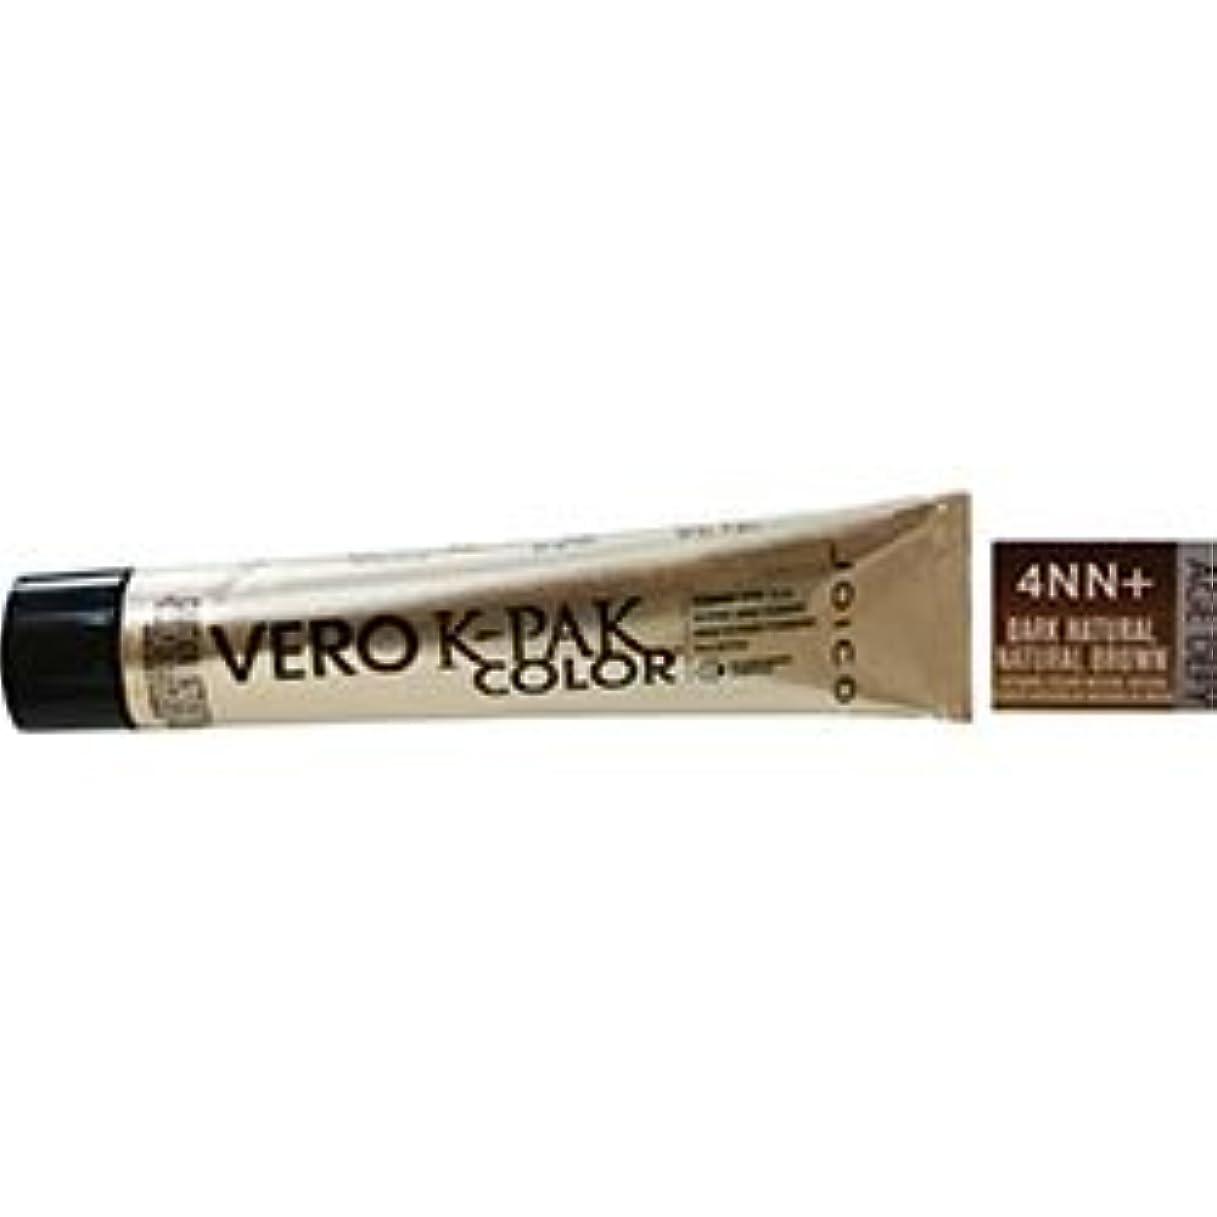 レンズ少年スパイラルJoico ベロK-PAK髪の色、 2.5オンス 4nnプラス年齢仑